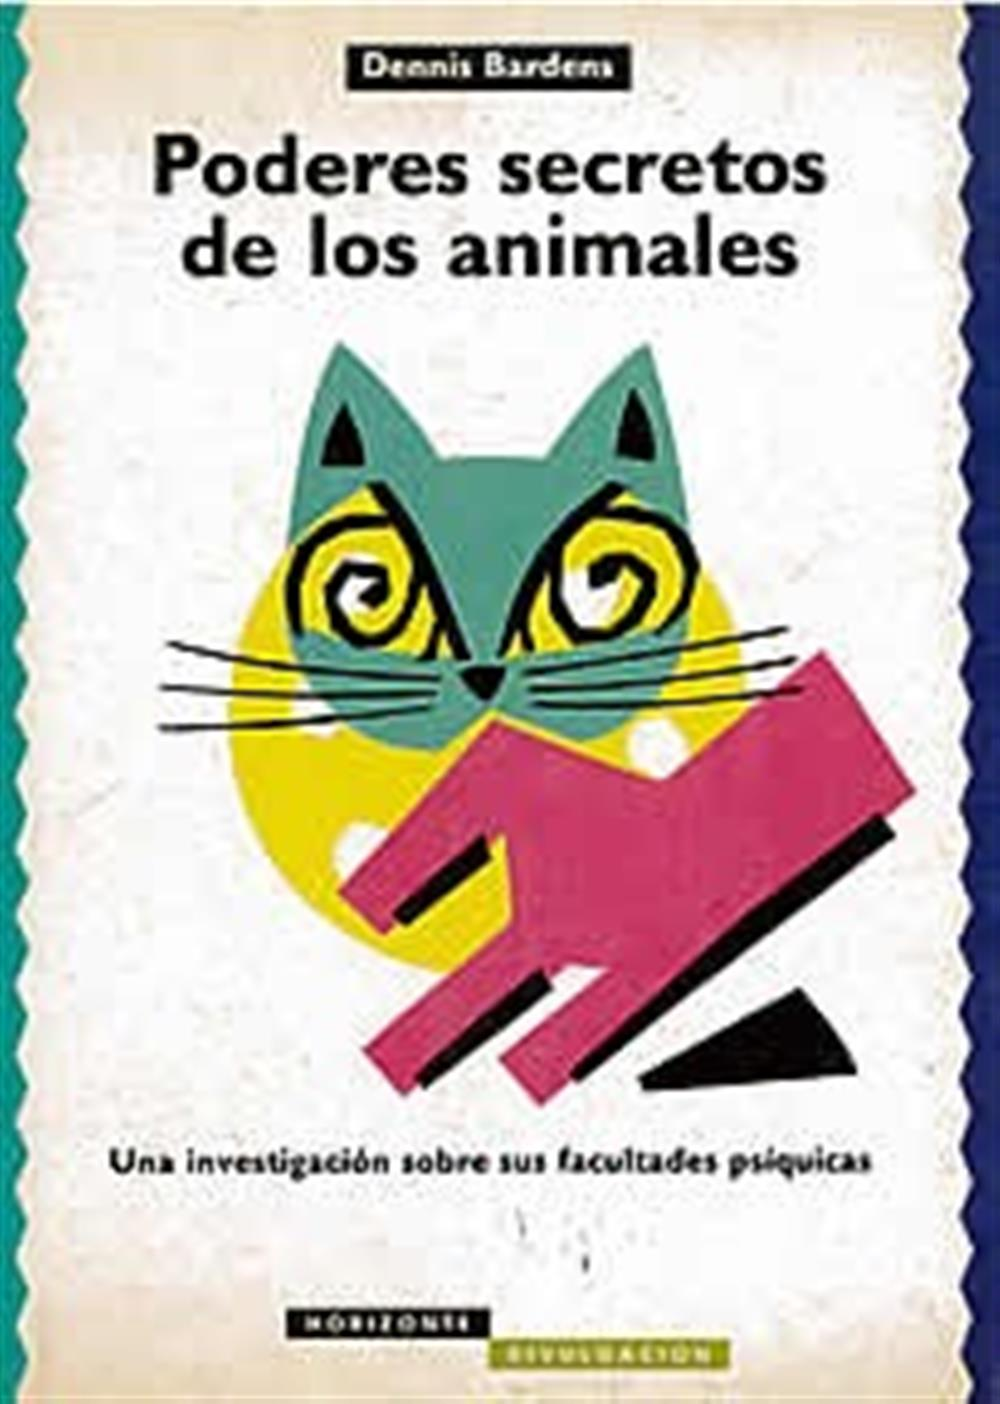 Poderes secretos de los animales